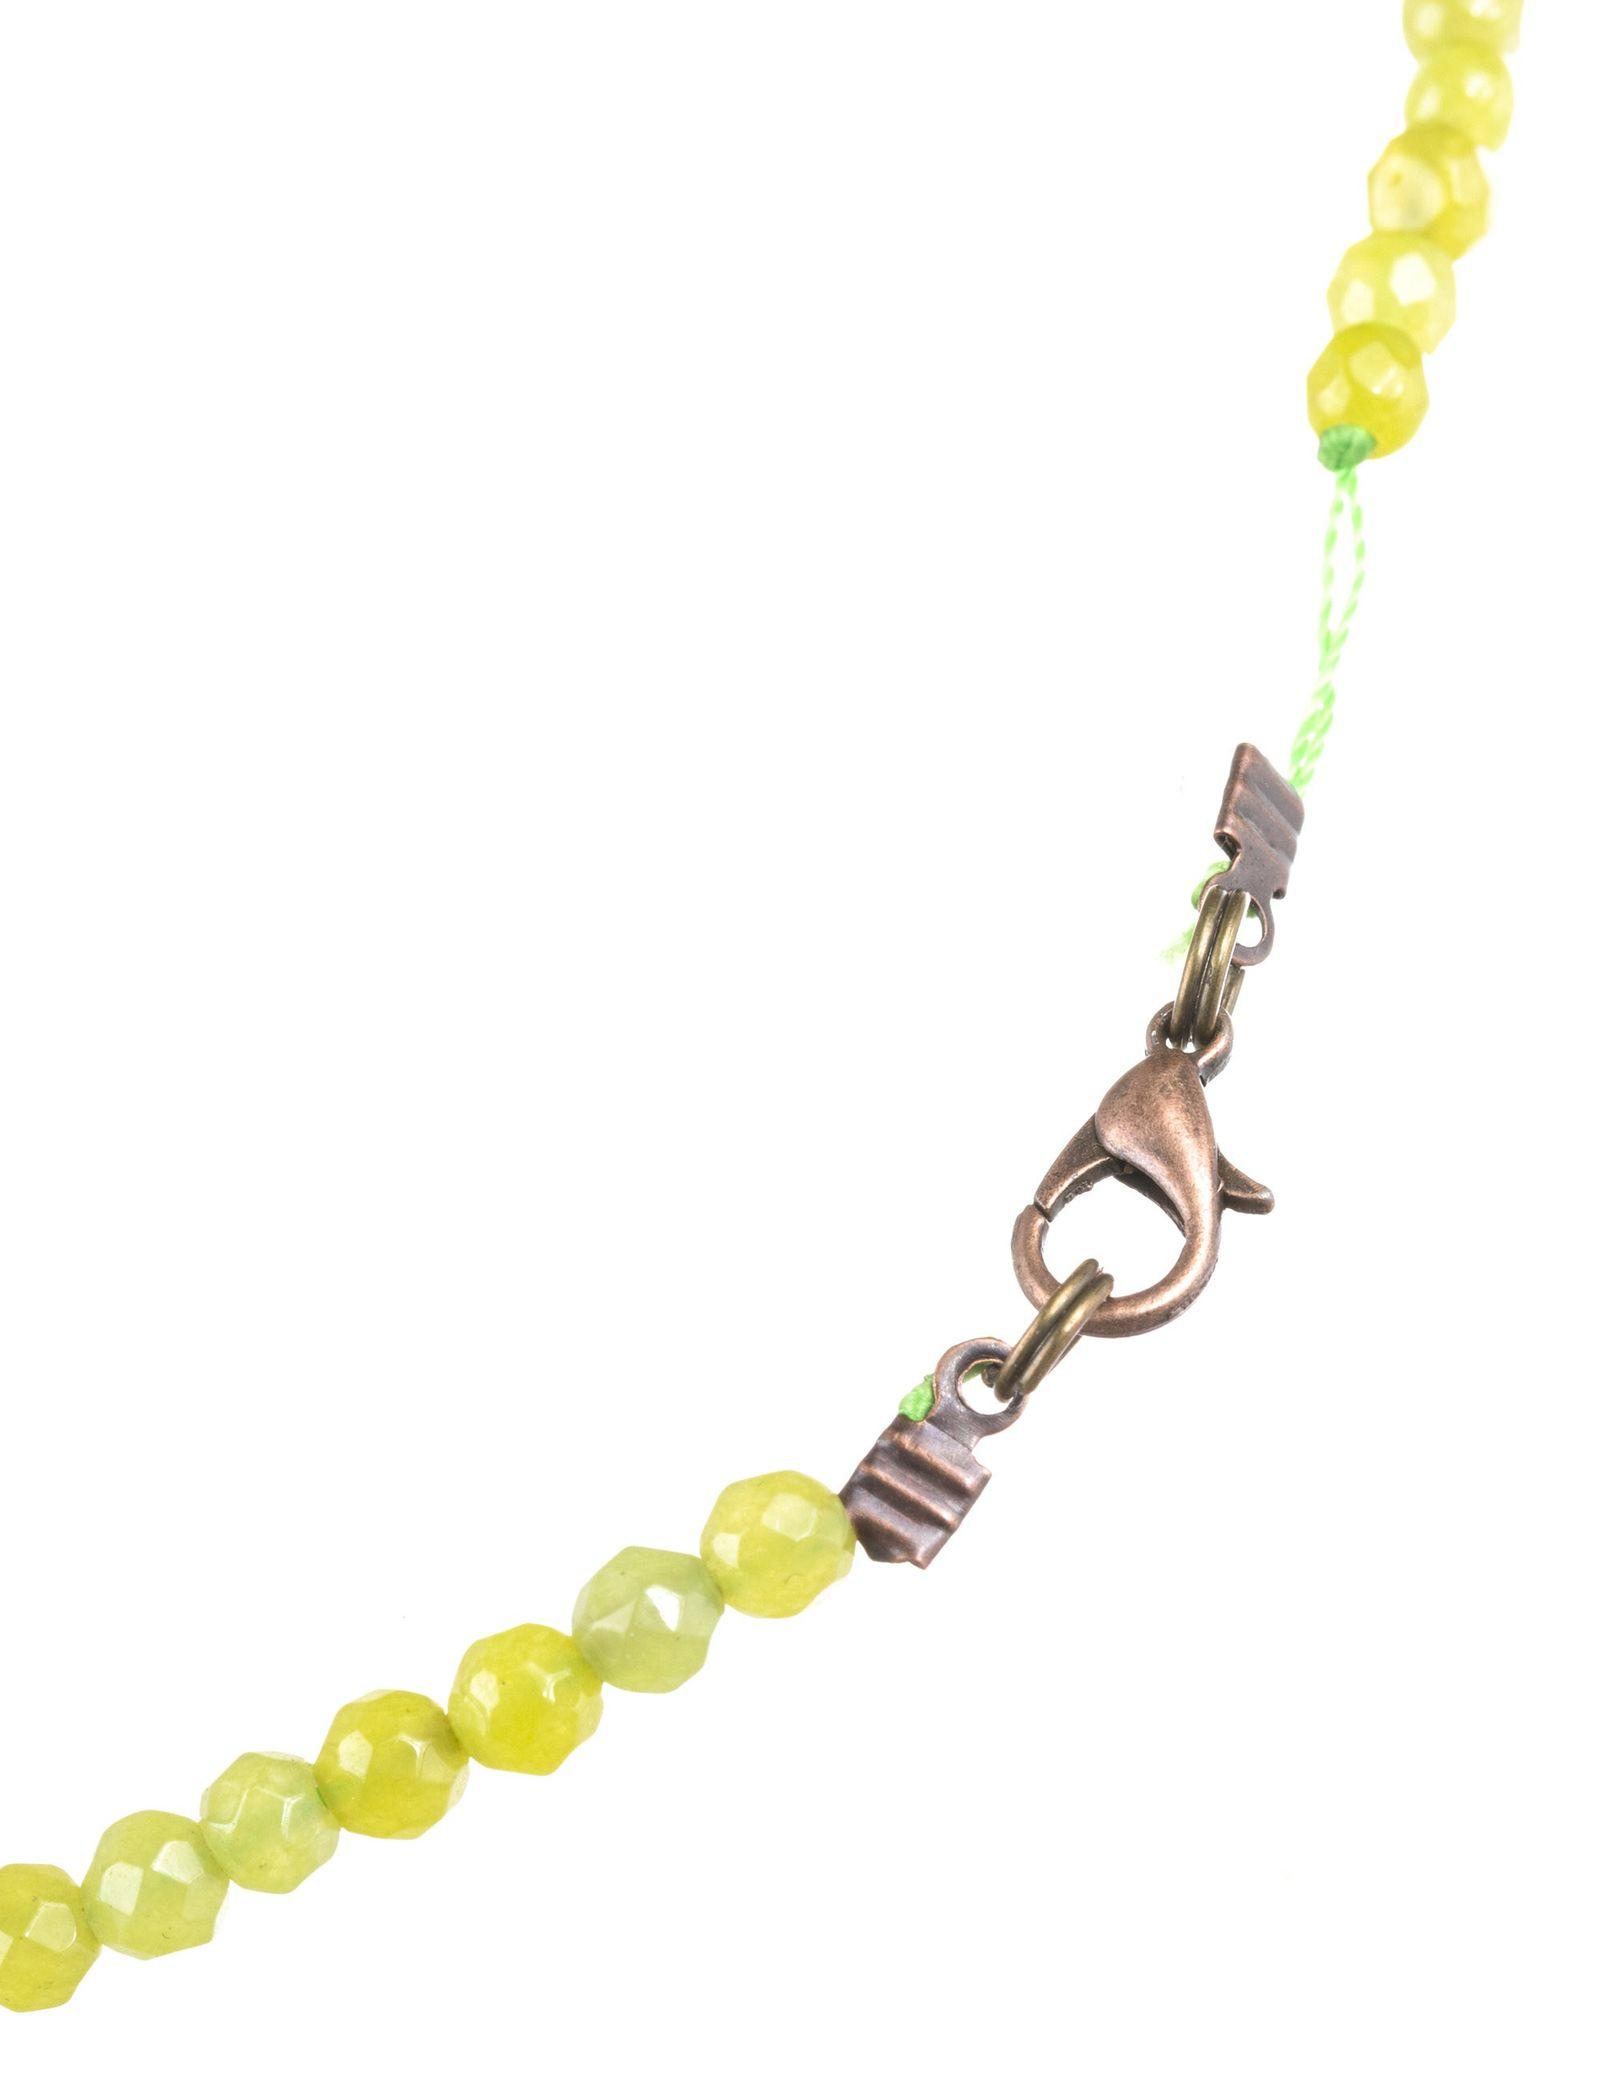 گردنبند آویز زنانه - زرمس تک سایز - سبز روشن - 3